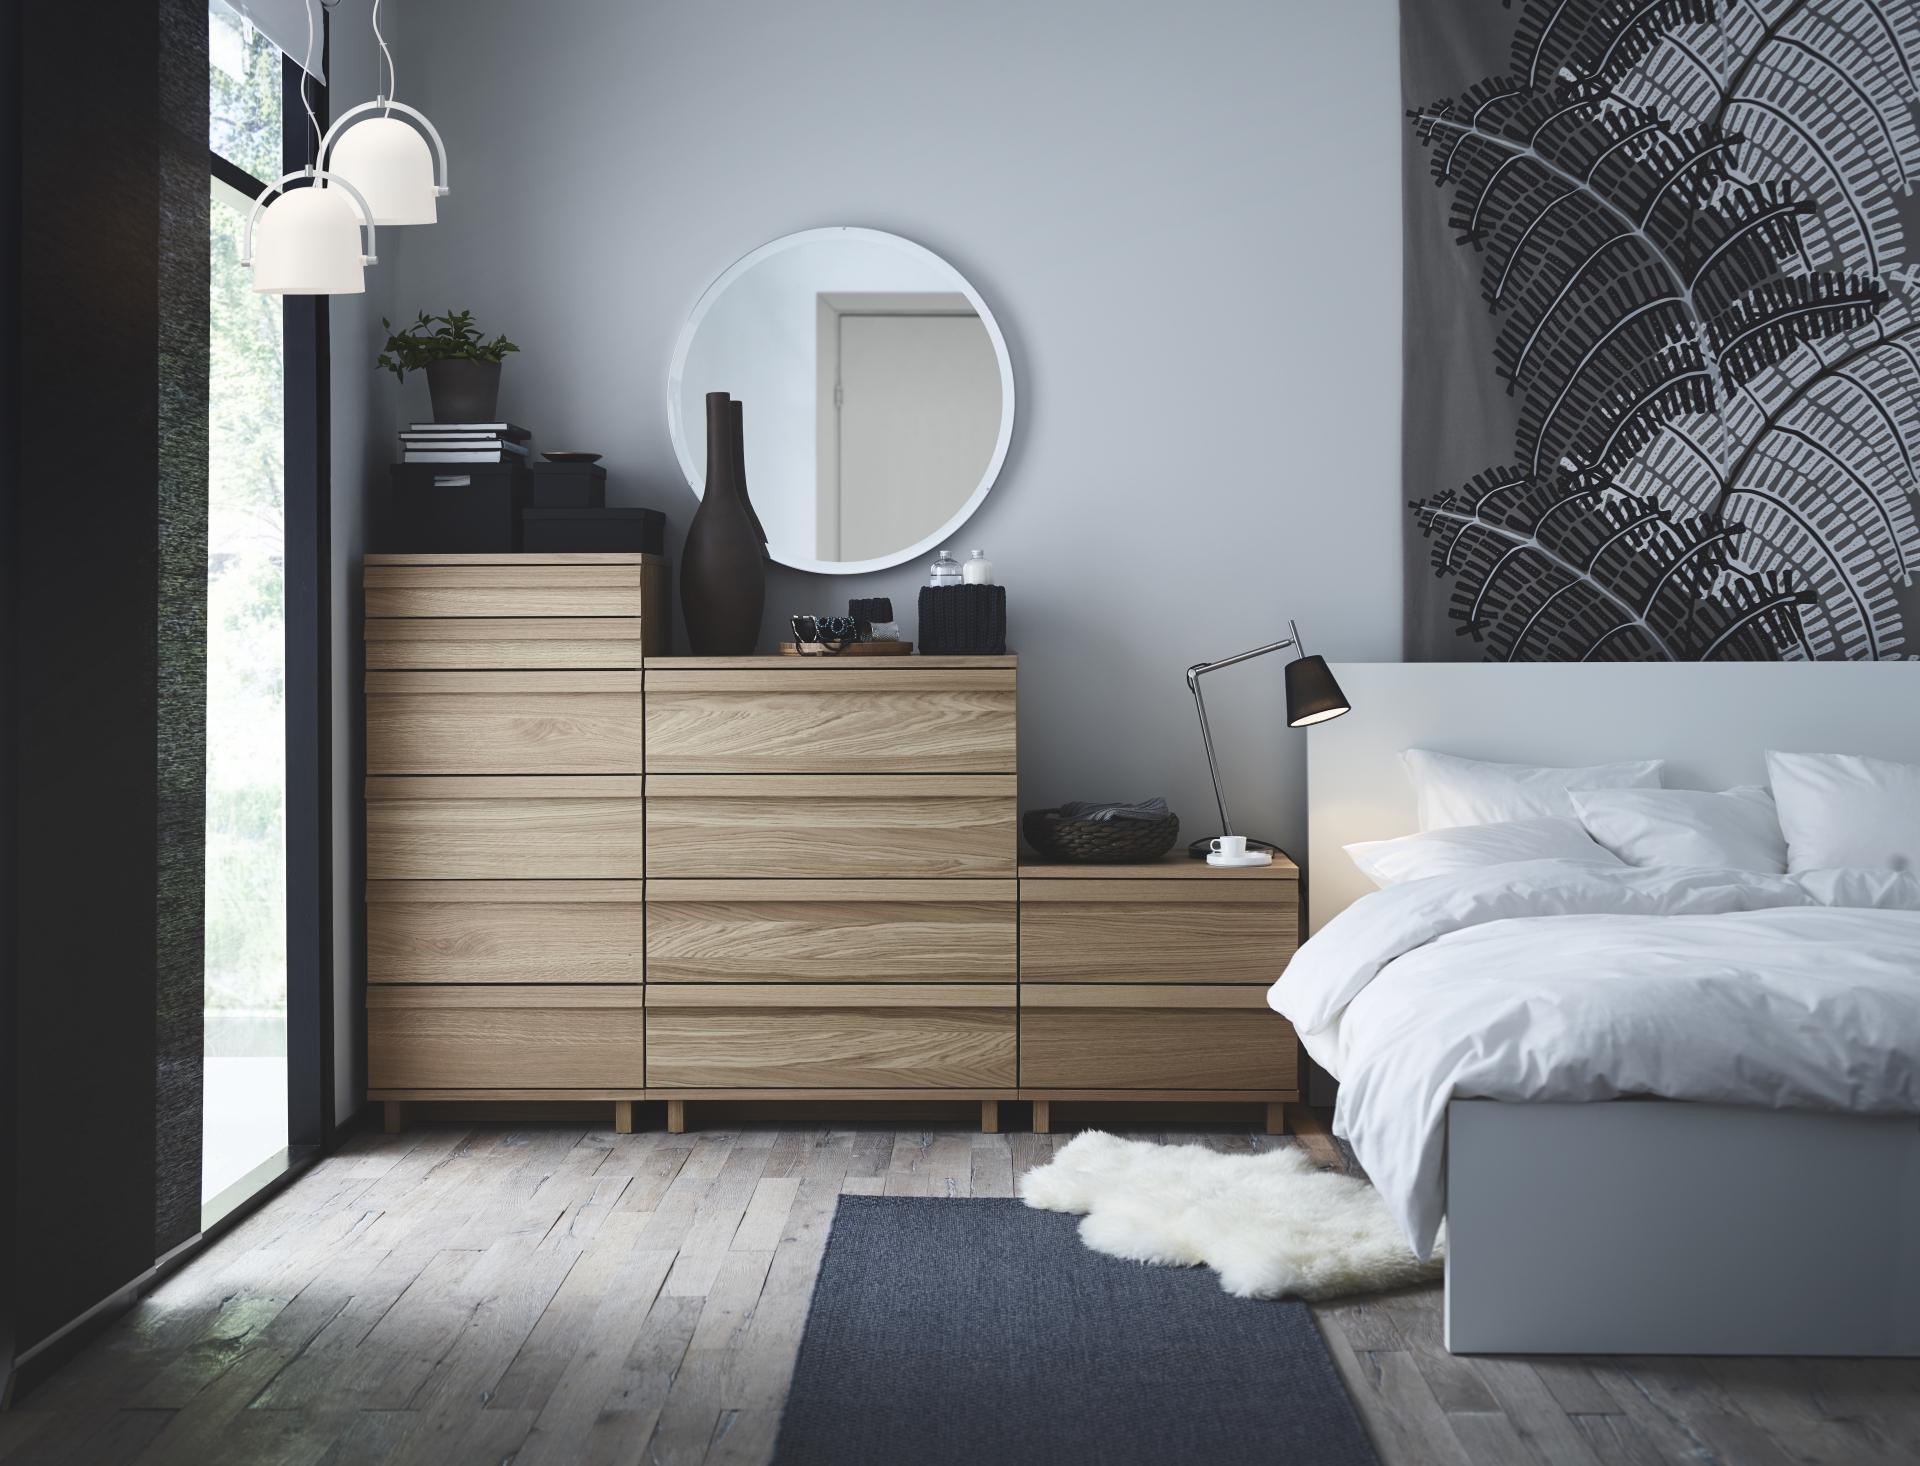 Soluciones para decorar y organizar un dormitorio peque o for Sillas para dormitorio ikea